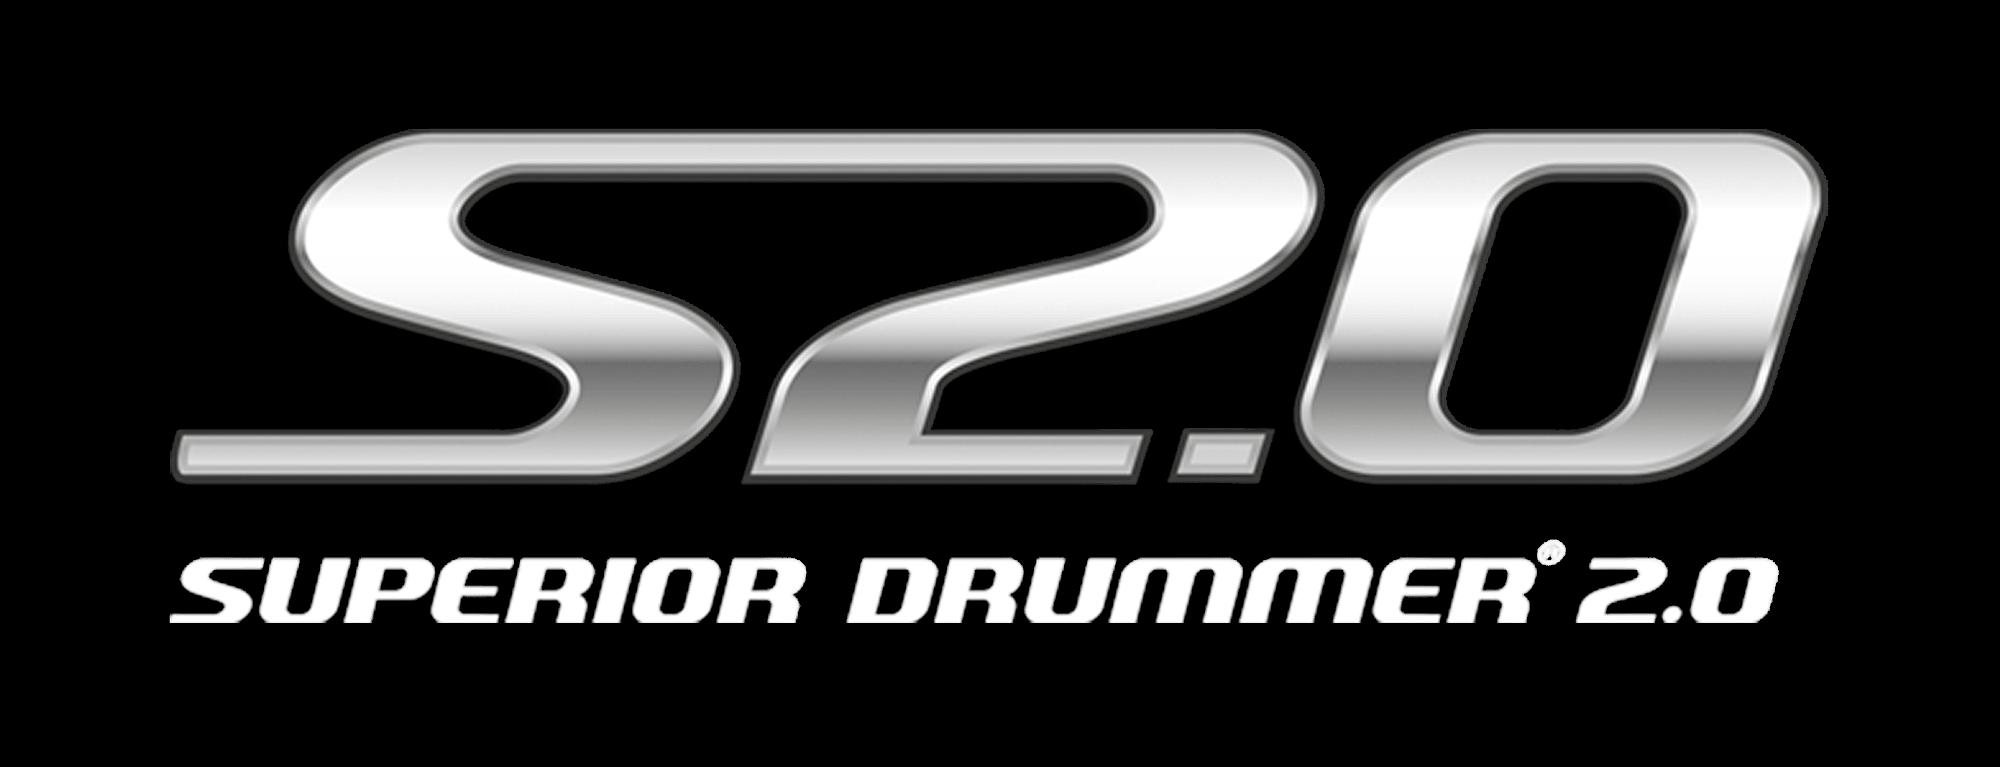 s2_logo